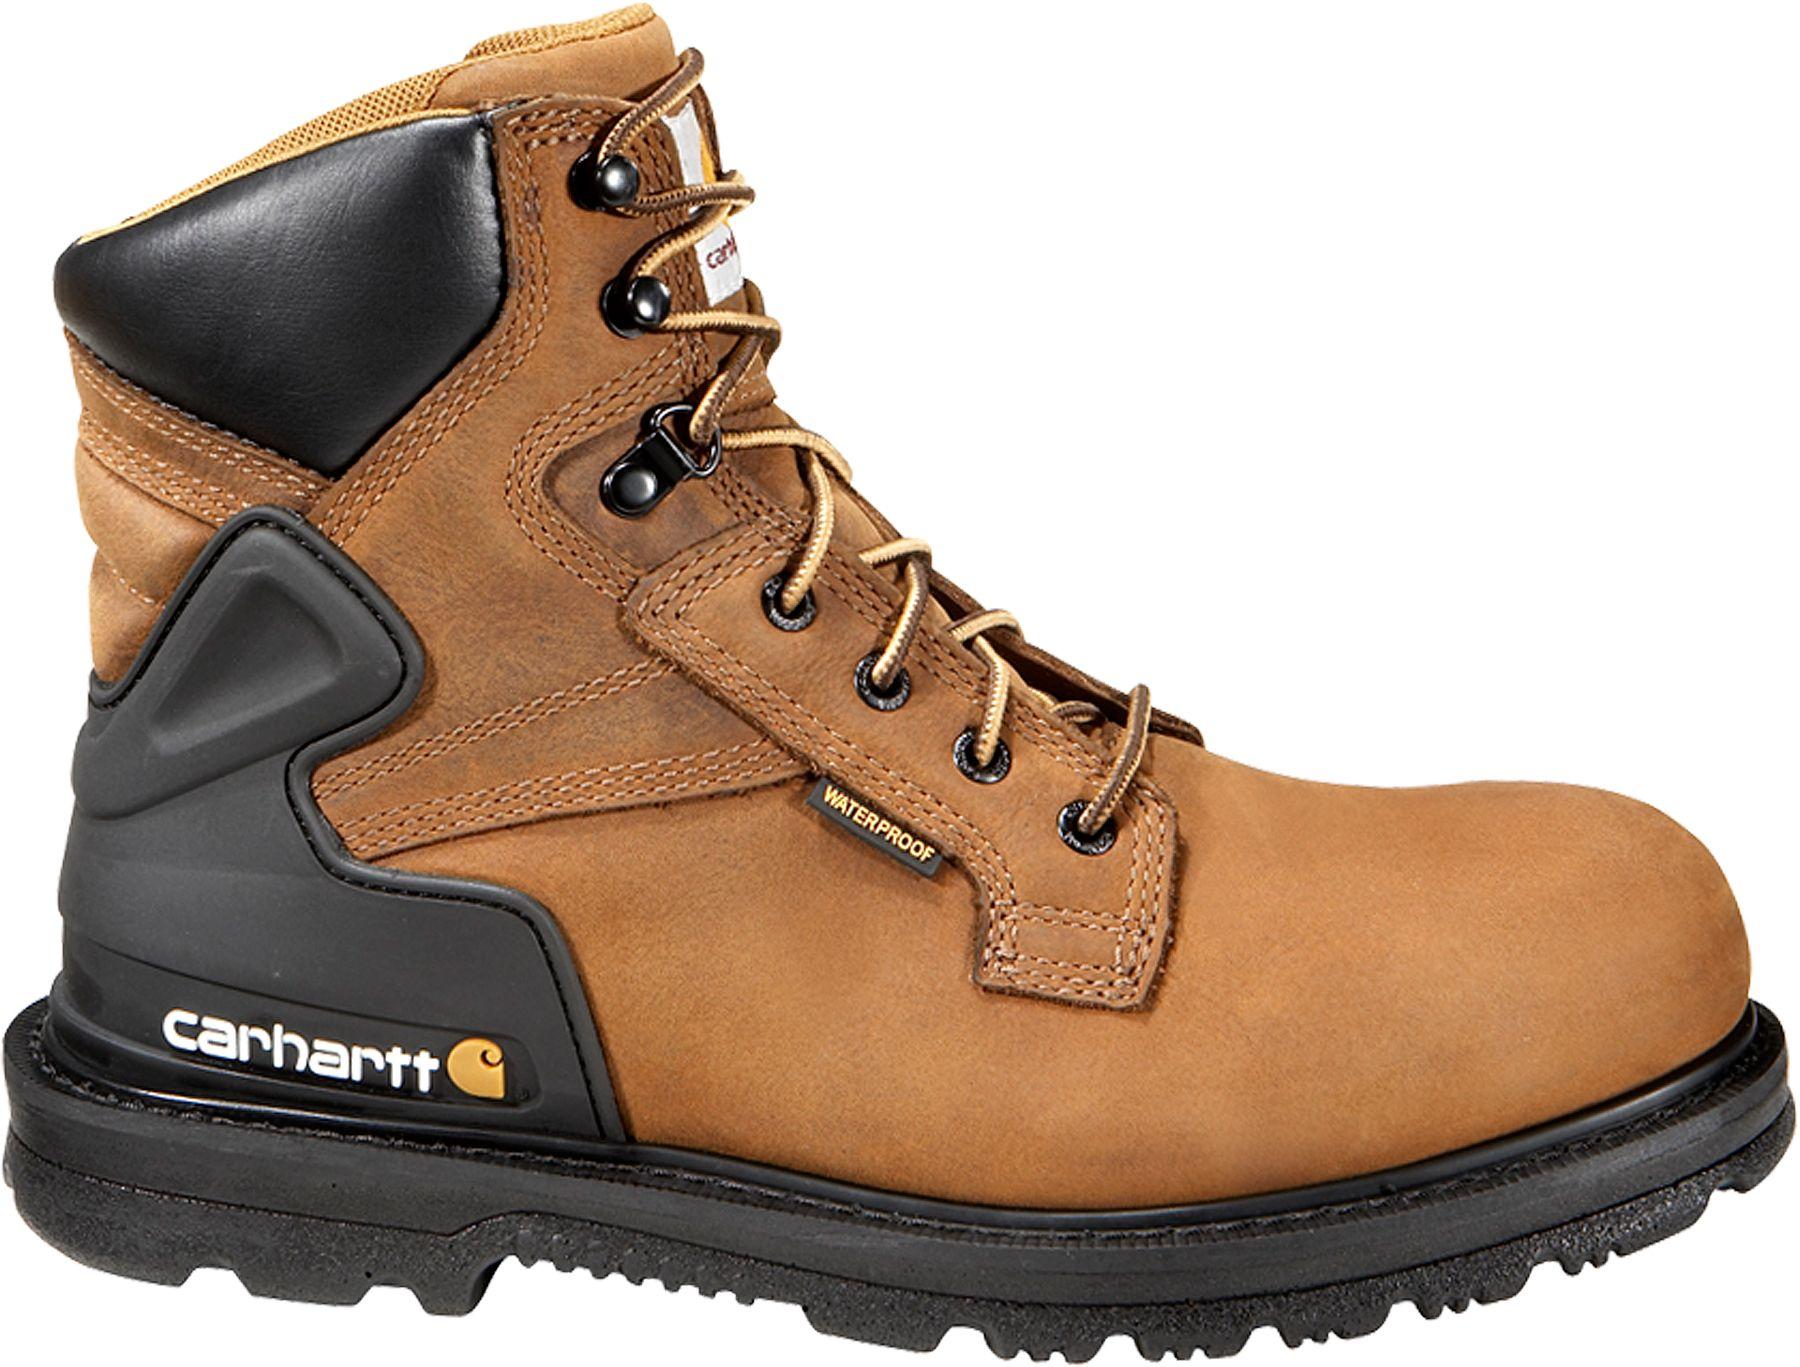 work boots noimagefound ??? WTDYGPL